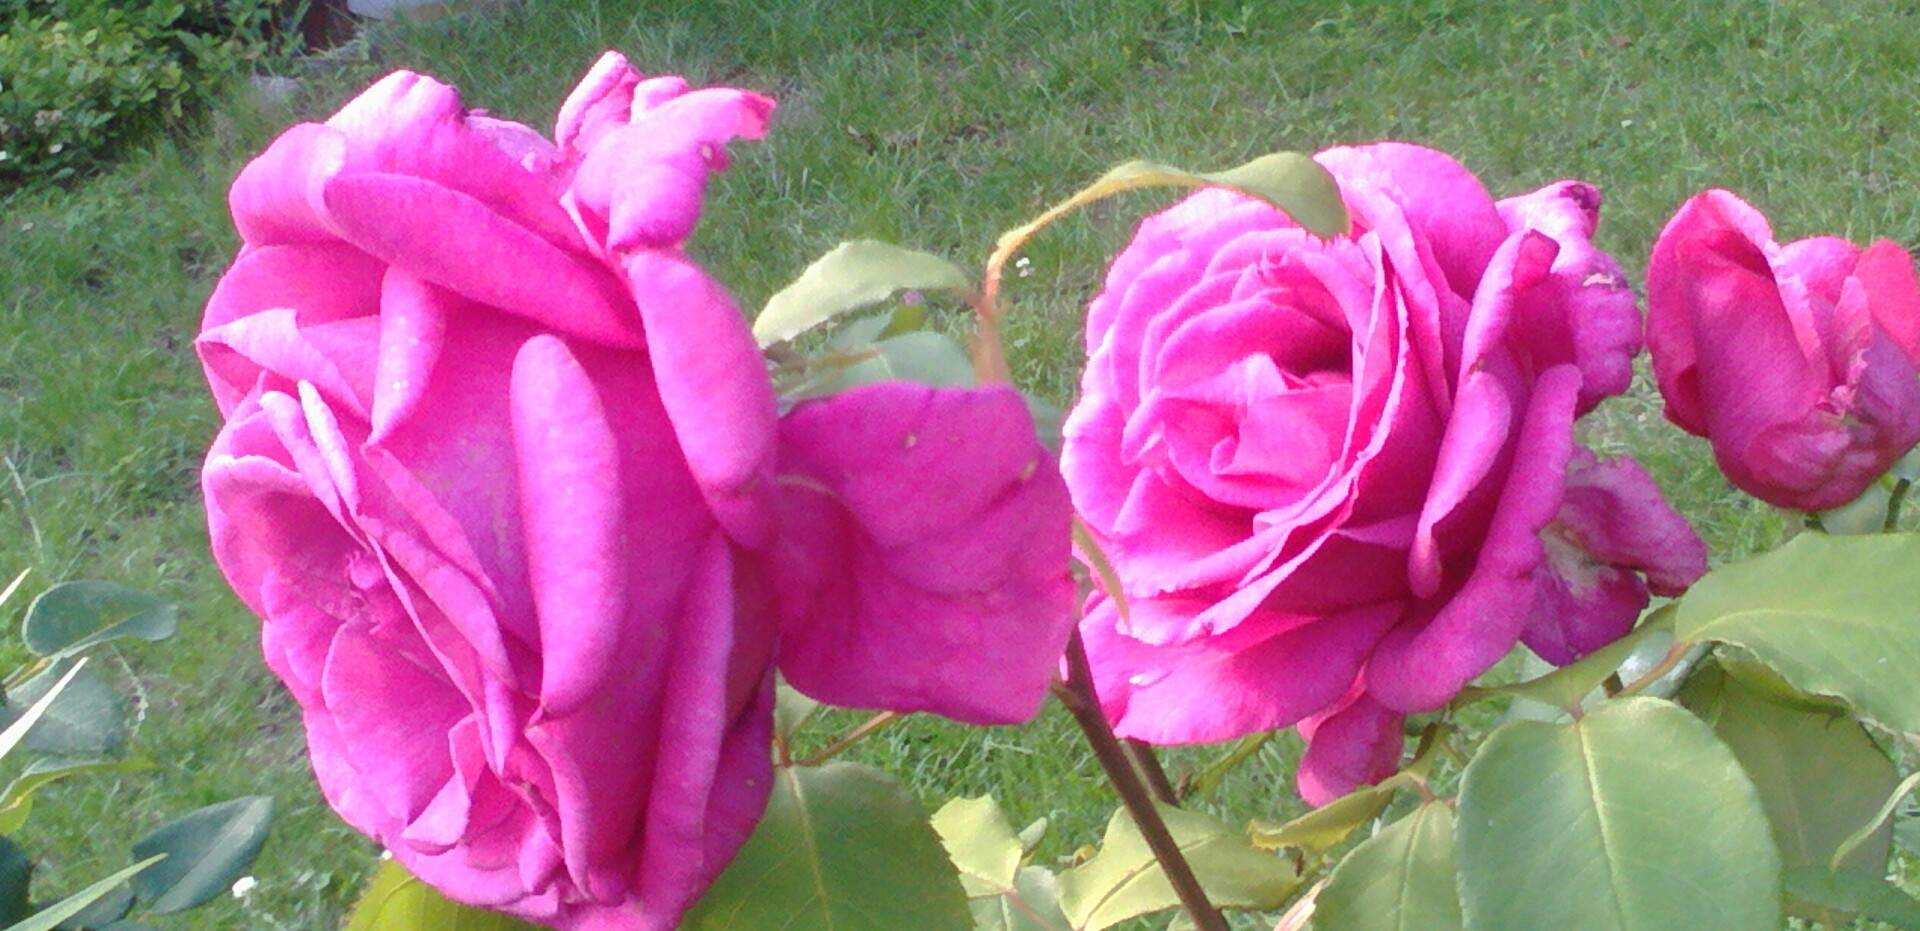 róża wielokwiatowa parole